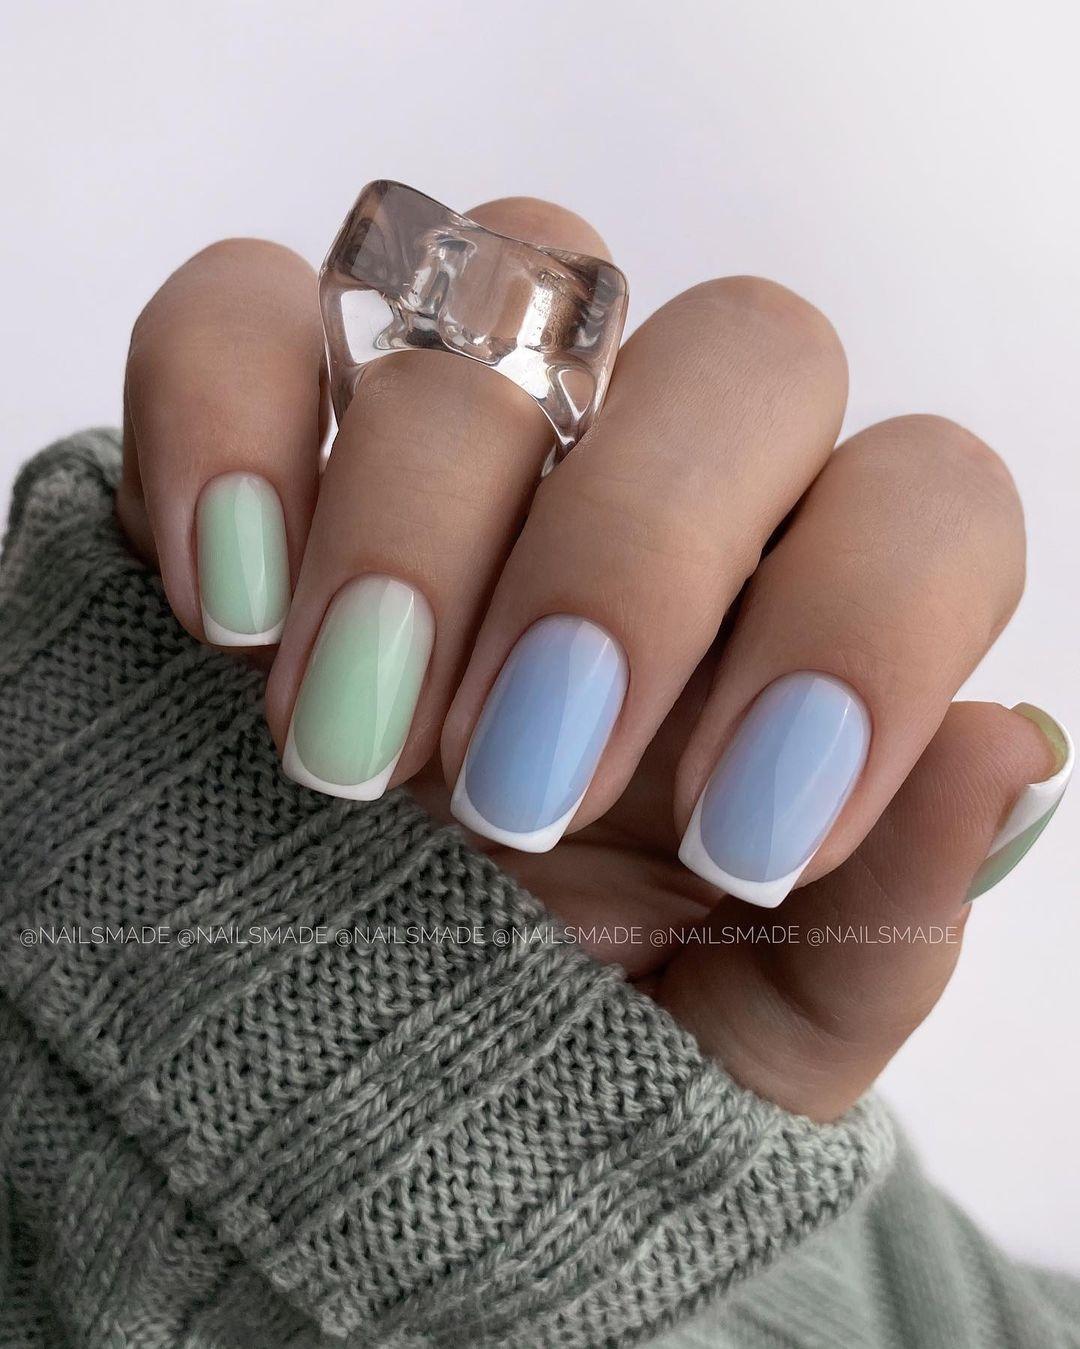 маникюр зима 2020 на короткие ногти на новый год френч французский голубой салатовый пастель белый нежный нейл-арт нейл-дизайн